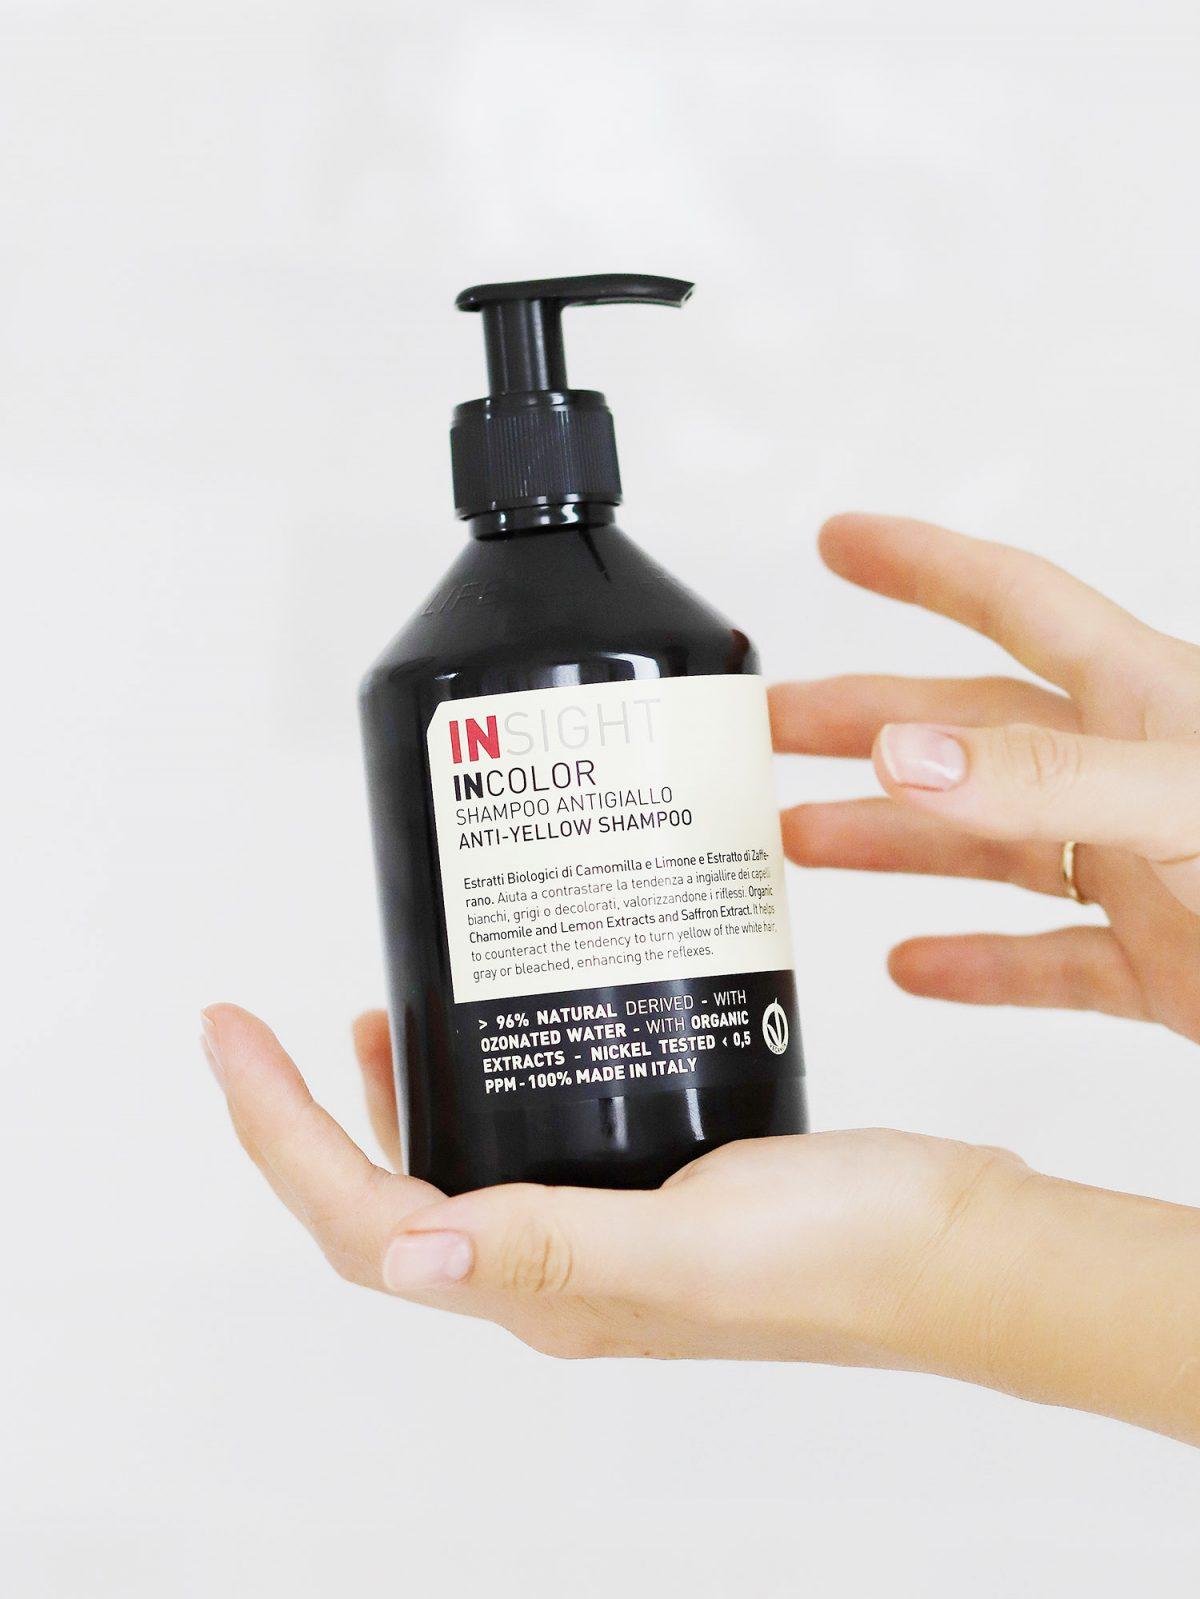 szampon niwelujący żółte odcienie, szampon dla blondynek, szampon do blondu, szampon ochładzający kolor, szampon niwelujący żółte odcienie insight, szampon insight anti yellow